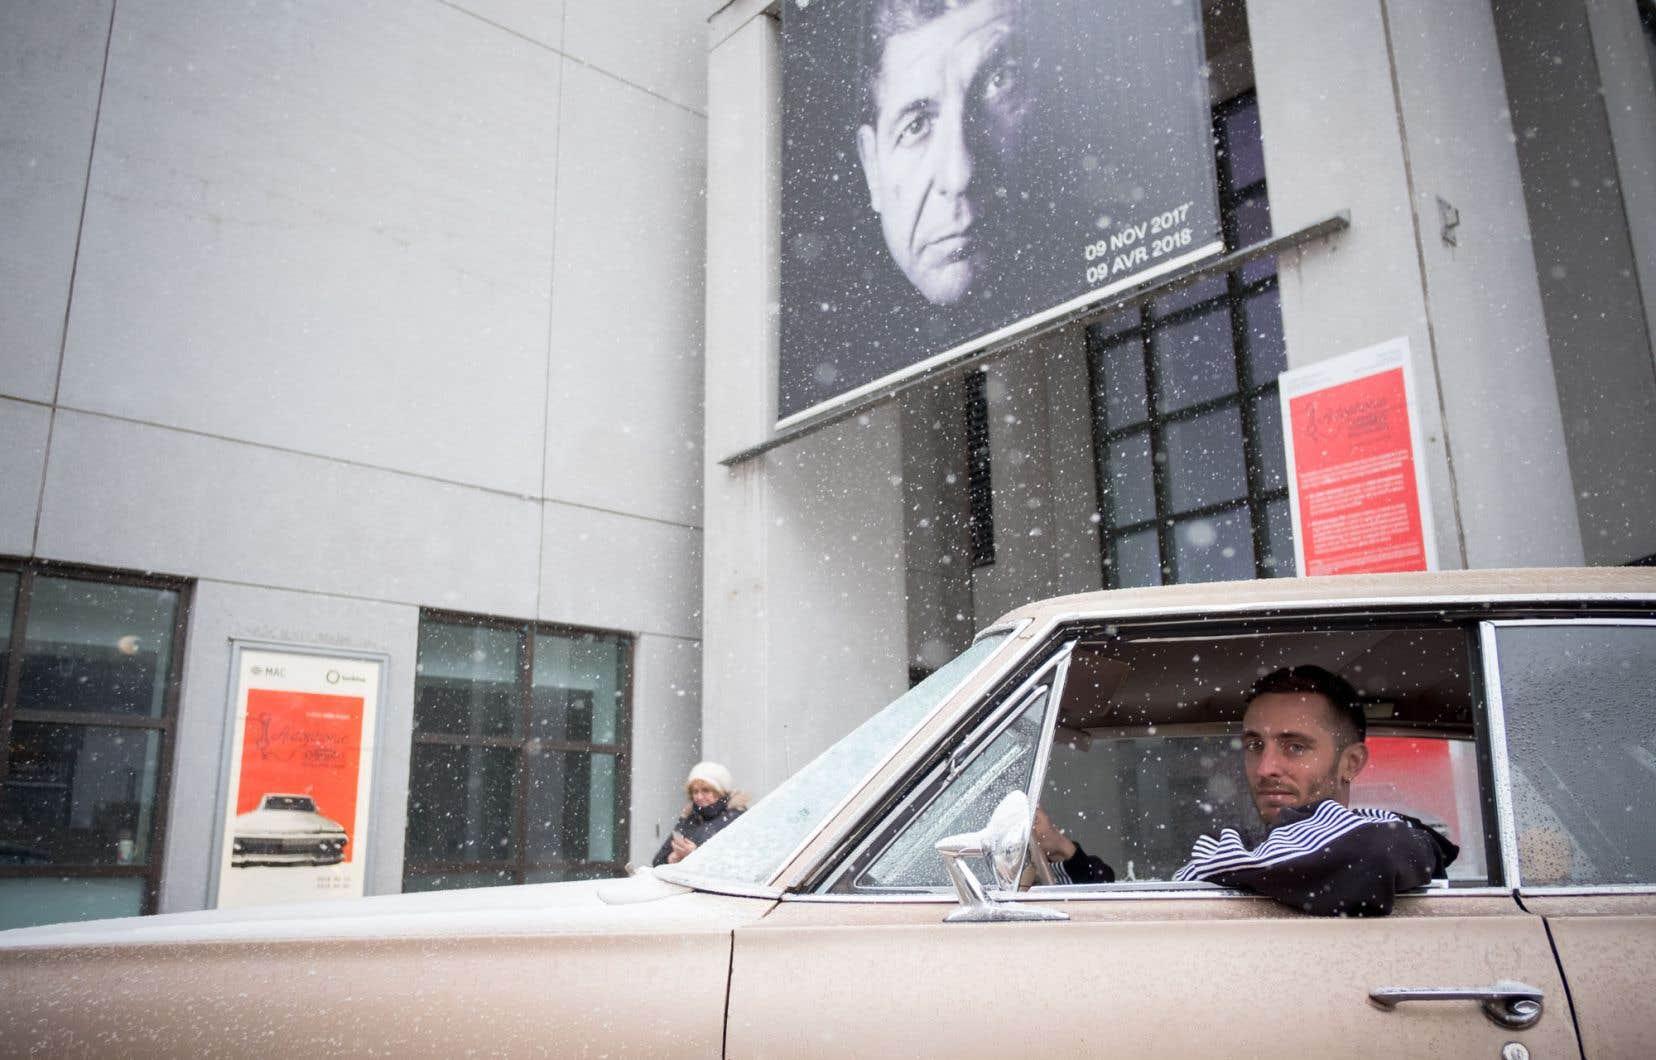 L'artiste sonore Cédric Chabuel dans la voiture où on peut entendre les messages enregistrés